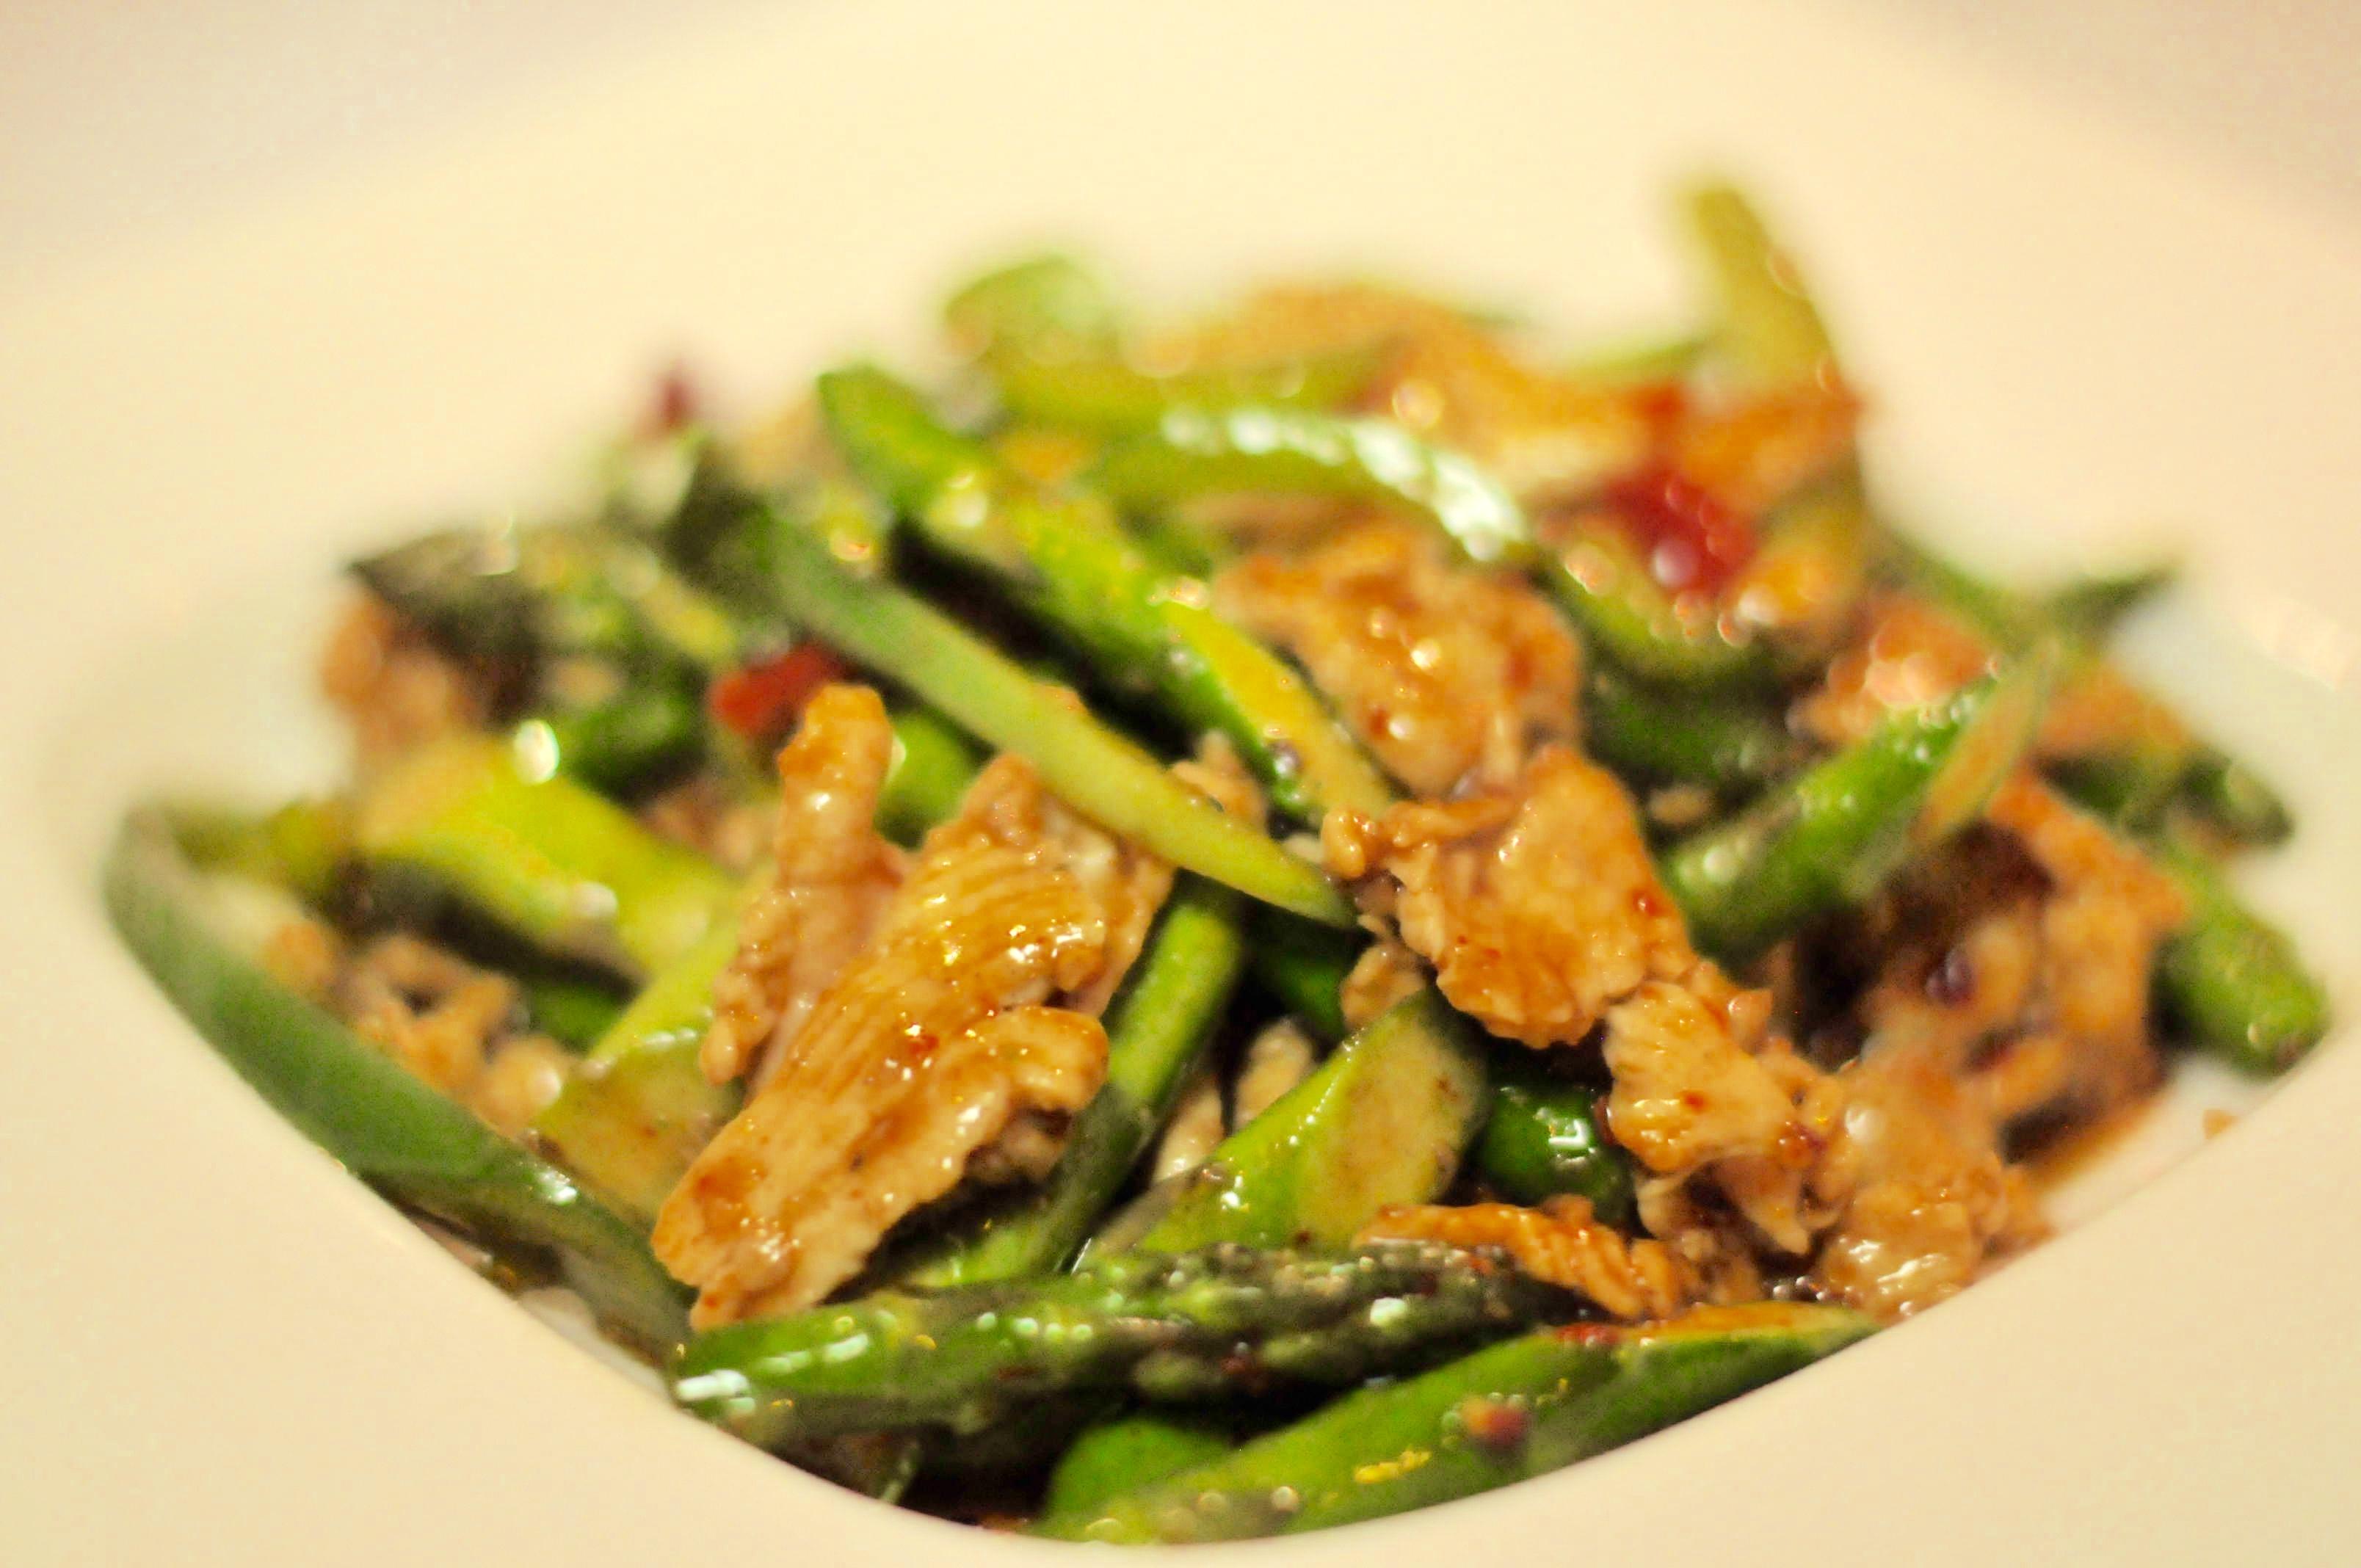 Frisco's Asparagus